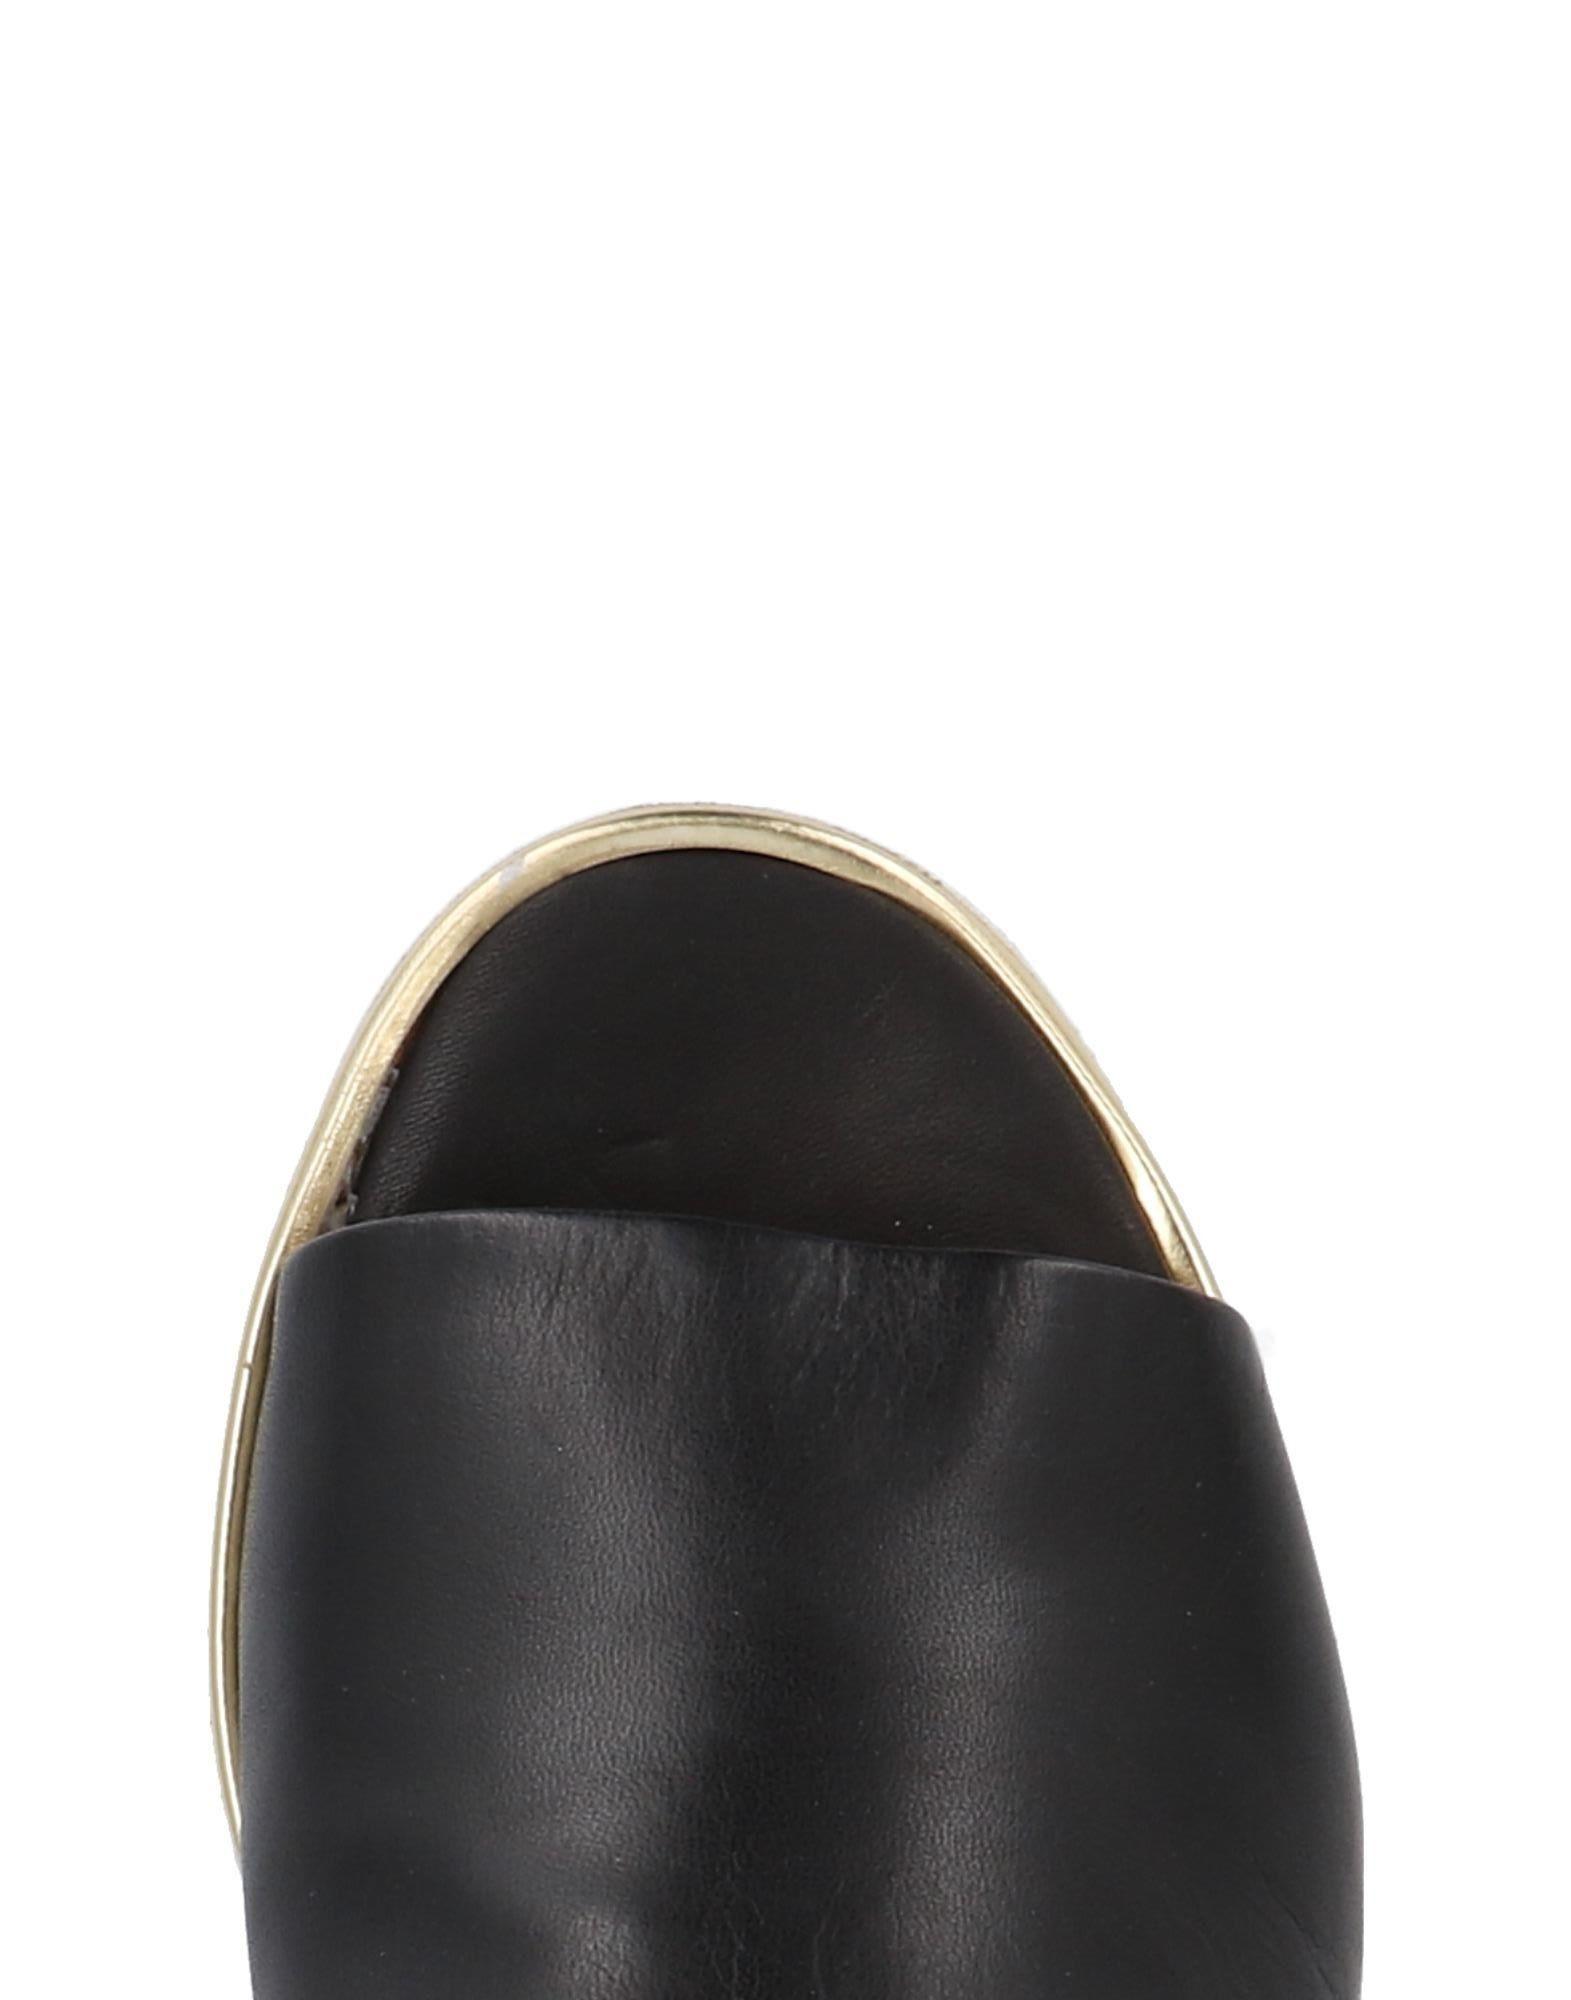 Gut um billige Schuhe Damen zu tragenPaloma Barceló Sandalen Damen Schuhe  11501260XE 438df6